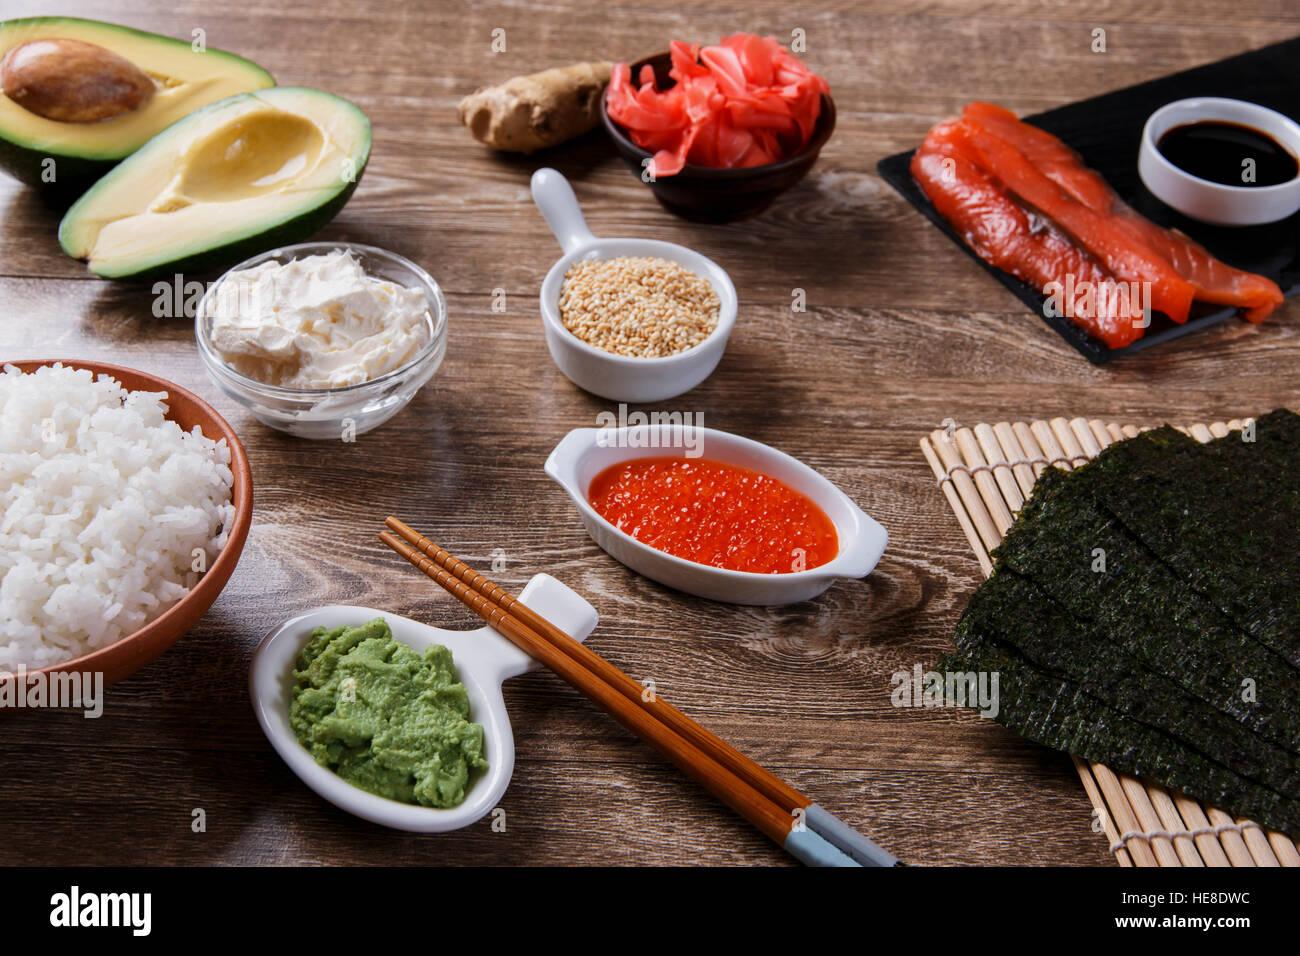 Ingrédients pour sushi sur une table en bois Photo Stock